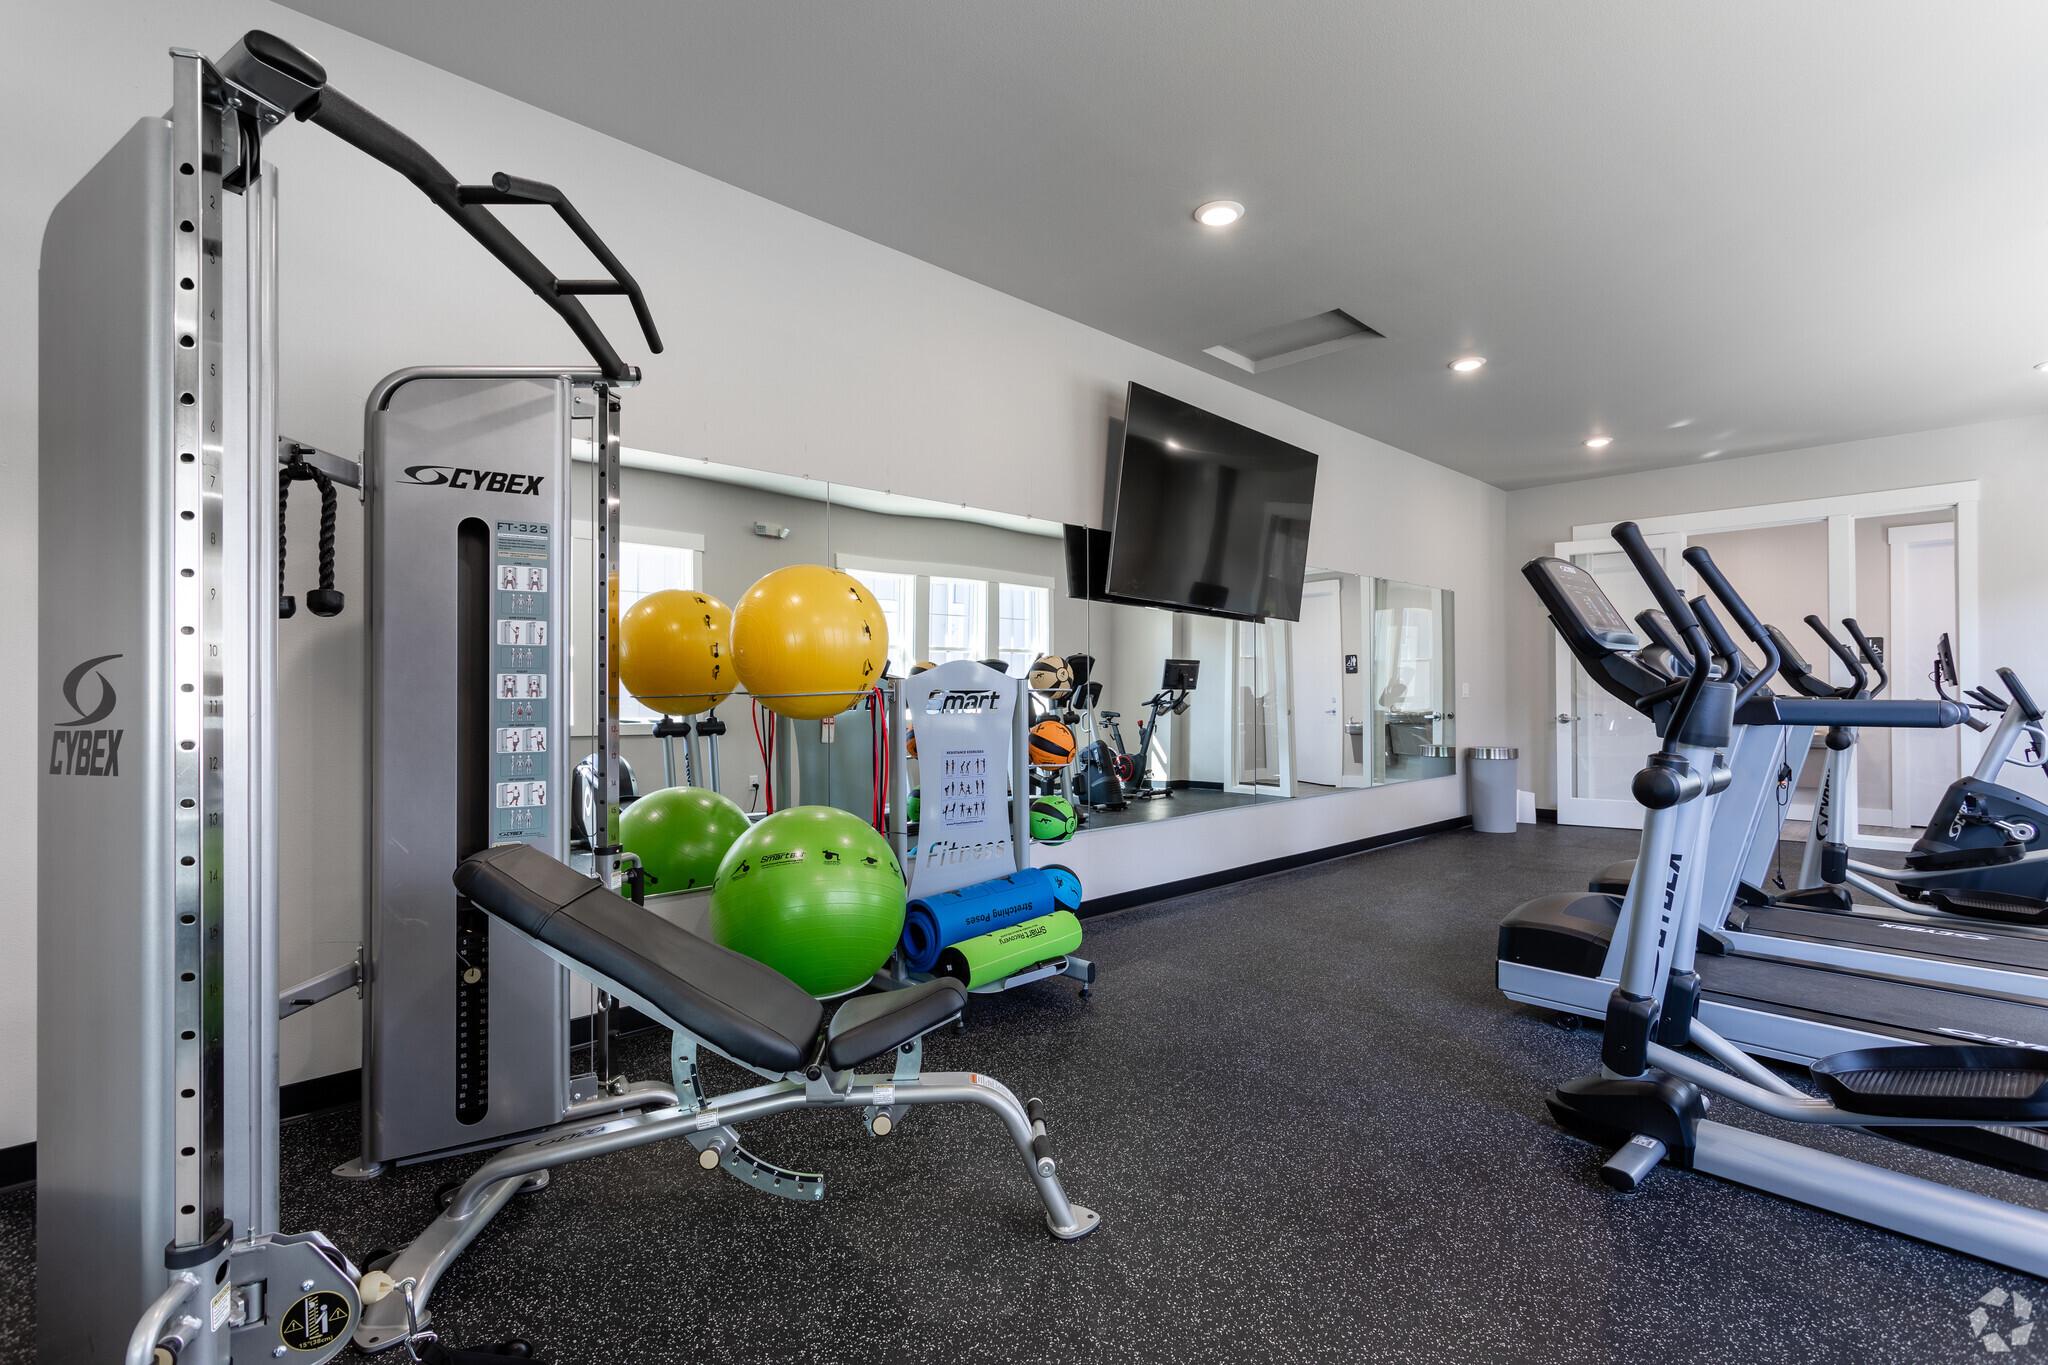 legacy-trails-ridgefield-wa-fitness-center (1)